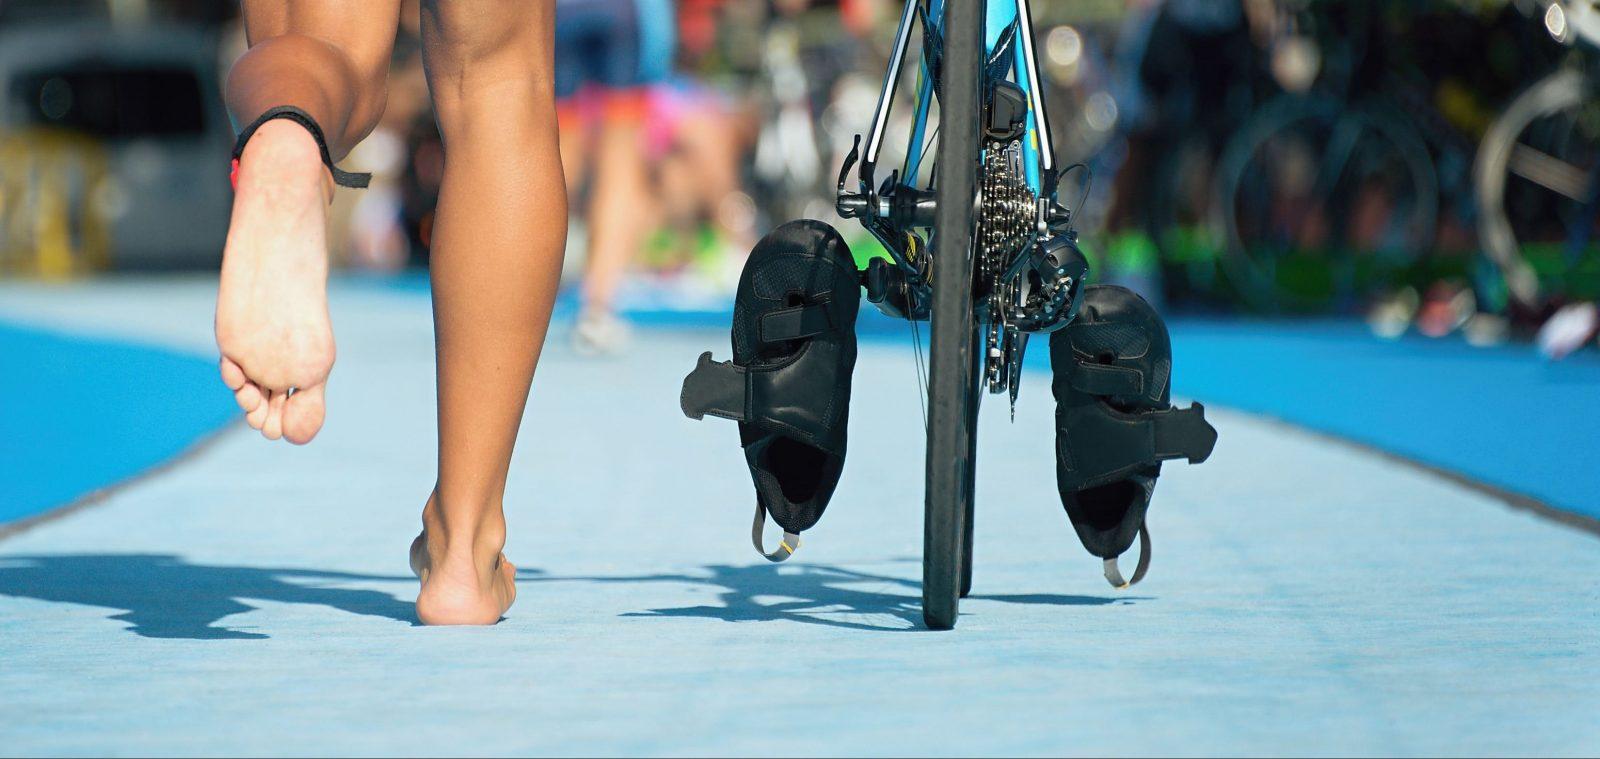 Triathlon Transition